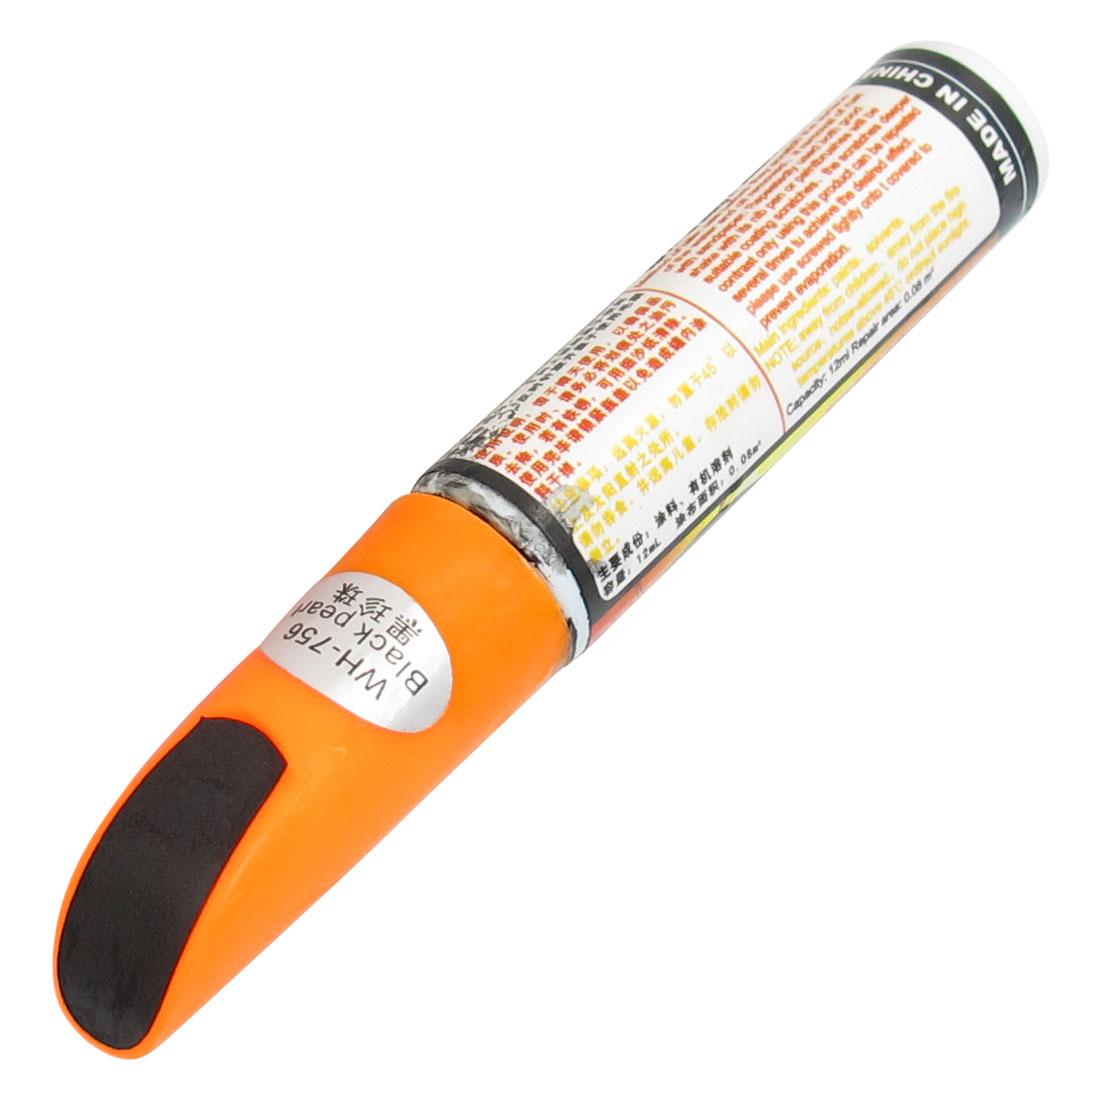 Black Pearl Vehicle Car Scratch Repairing Touch Up Paint Pen w Orange Cap